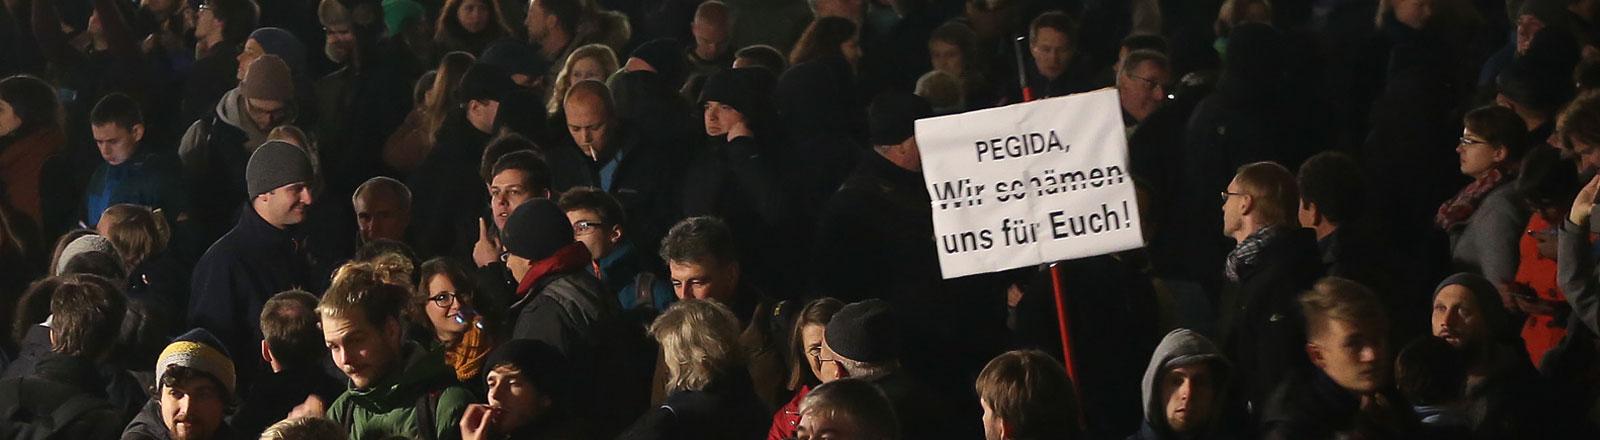 """Demonstranten tragen am 19.10.2015 in Dresden (Sachsen) ein Plakat mit der Aufschrift """"Pegida, Wir schämen uns für Euch""""."""